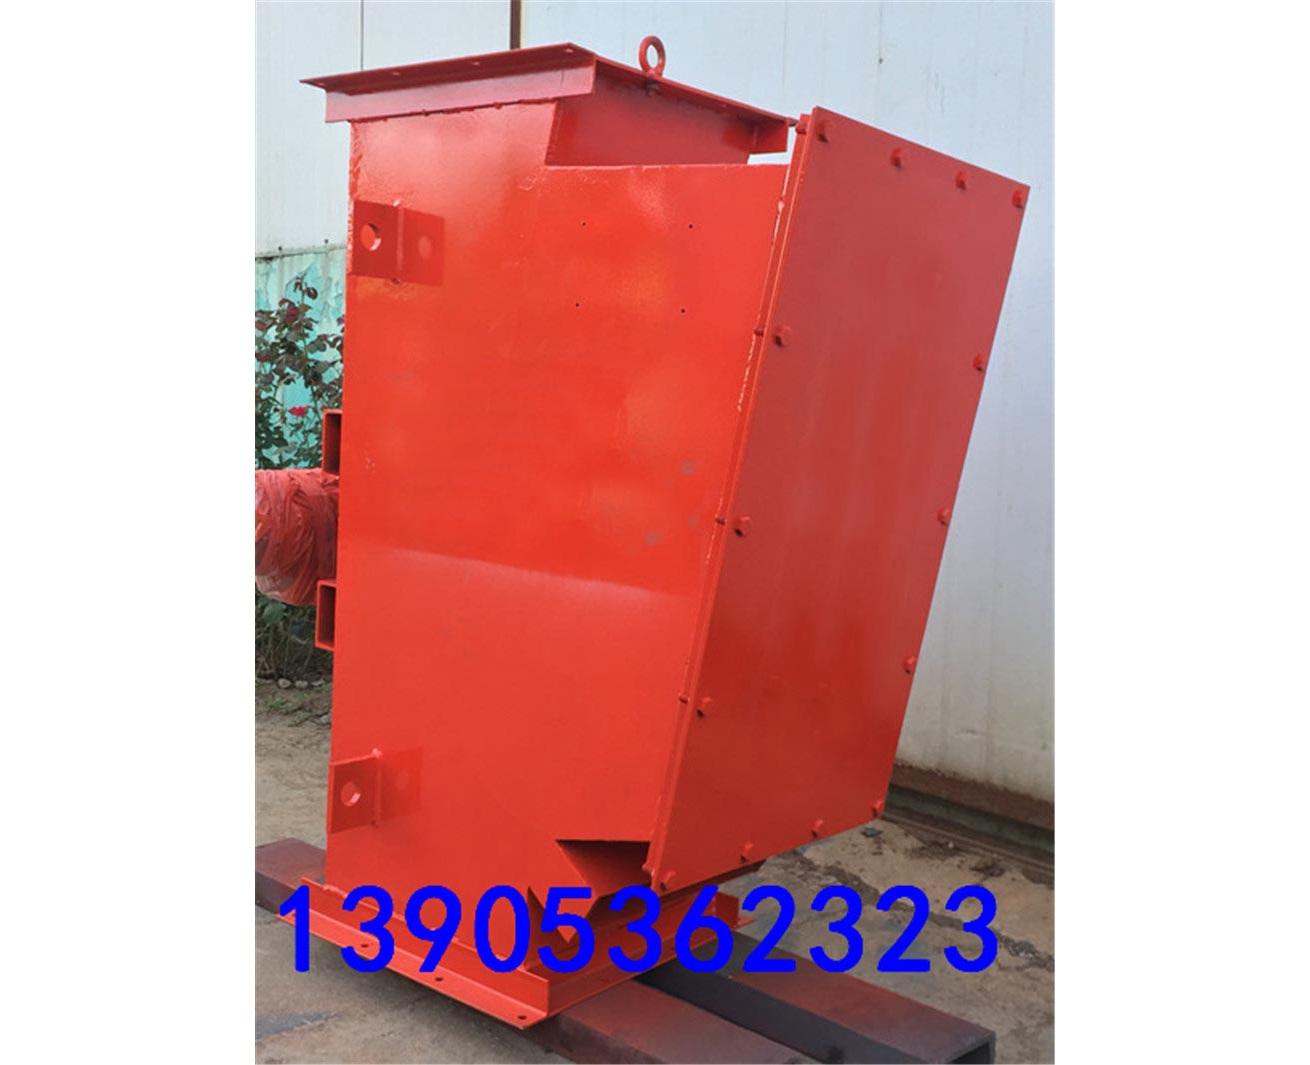 供应RCYG-200_价格适中的自卸式管道除铁器RCYG-200是由齐飞重工提供